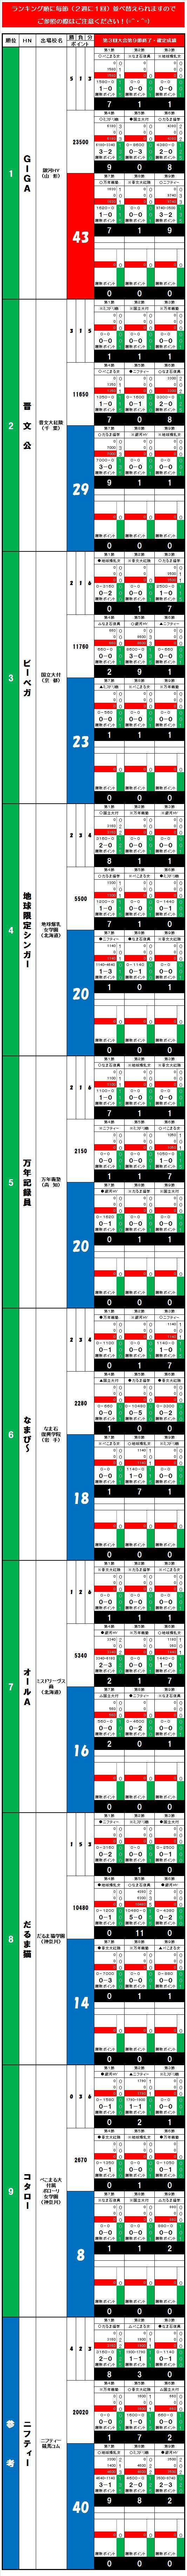 20140608・ダルマンリーグ第3回大会☆個人成績データ①.jpg